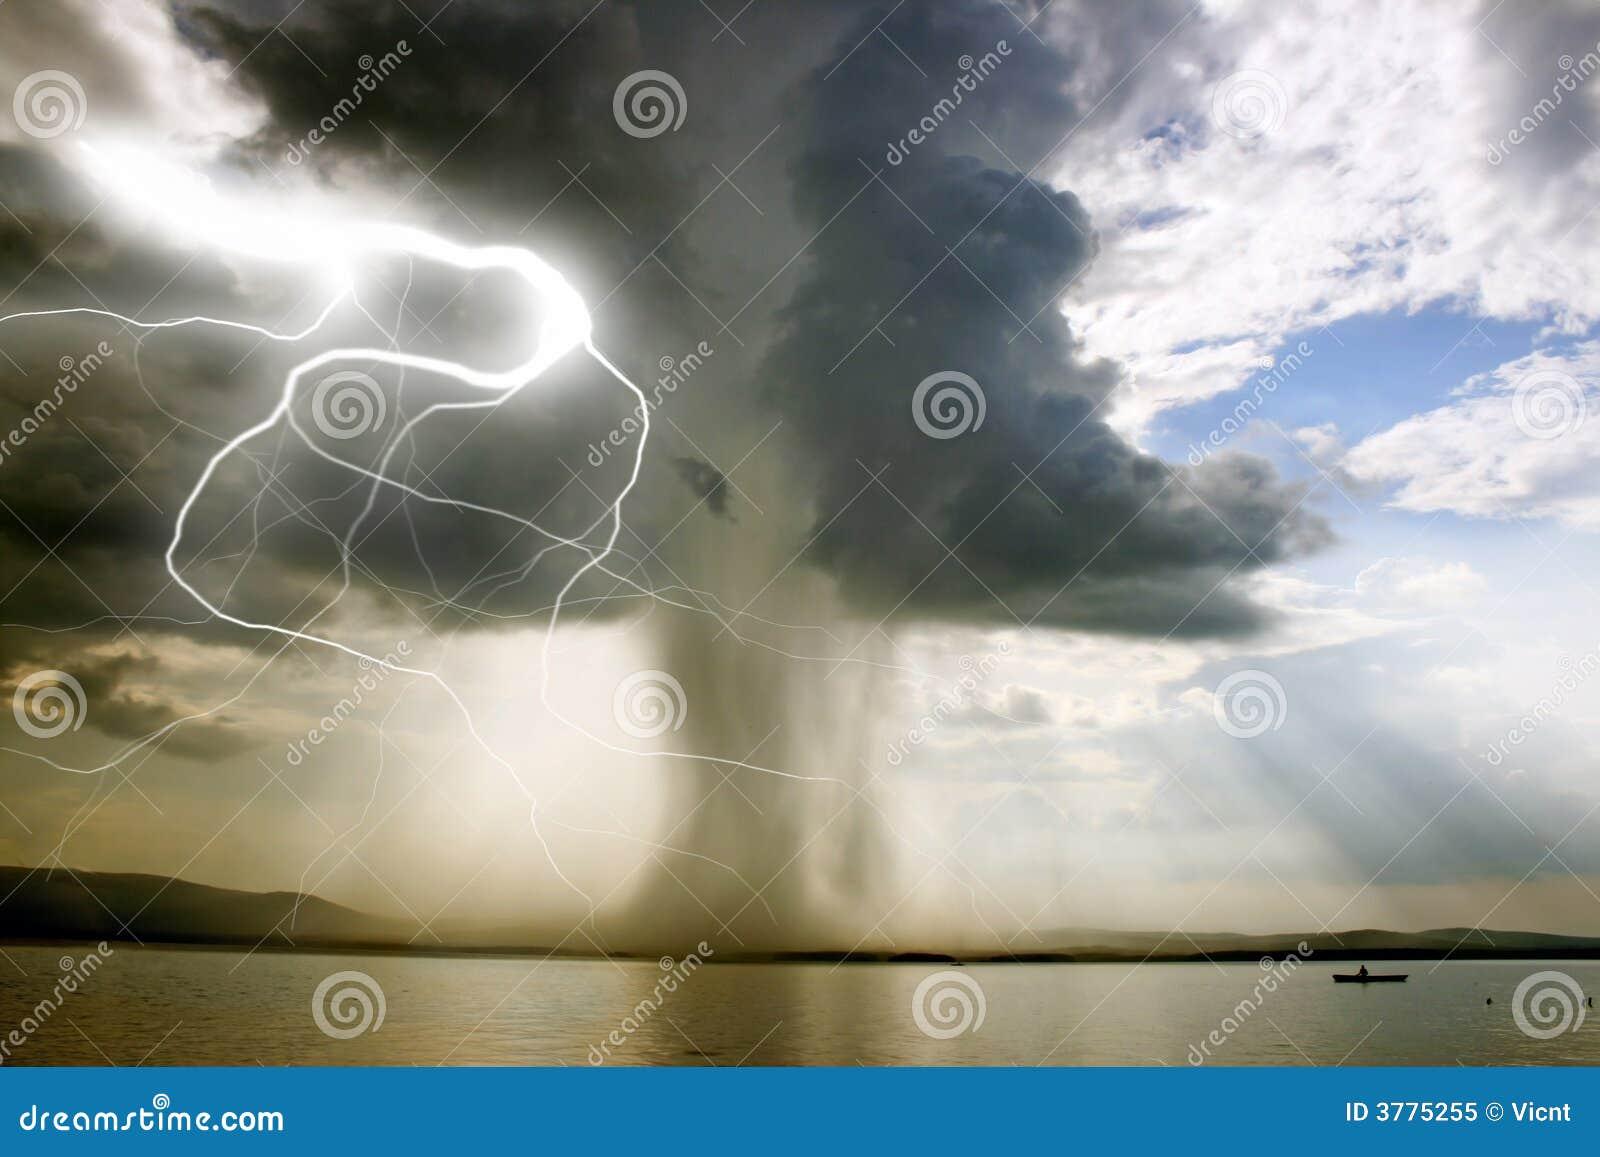 Początek tornado.